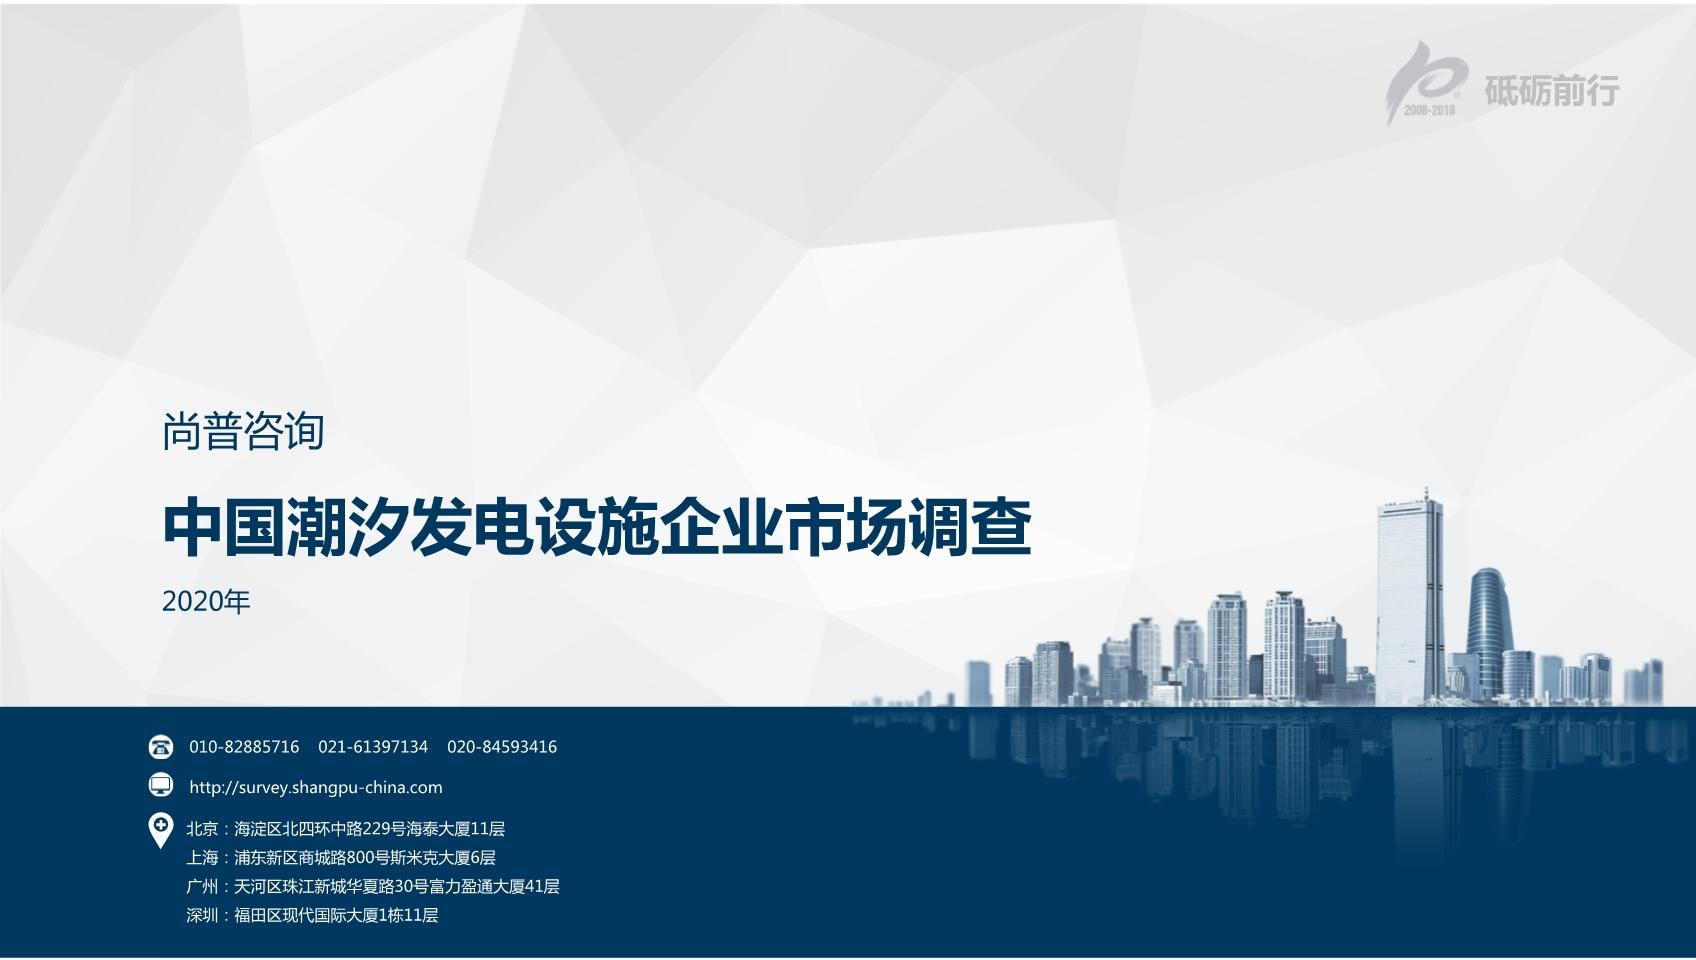 尚普咨询:2020年中国潮汐发电设施企业市场调查